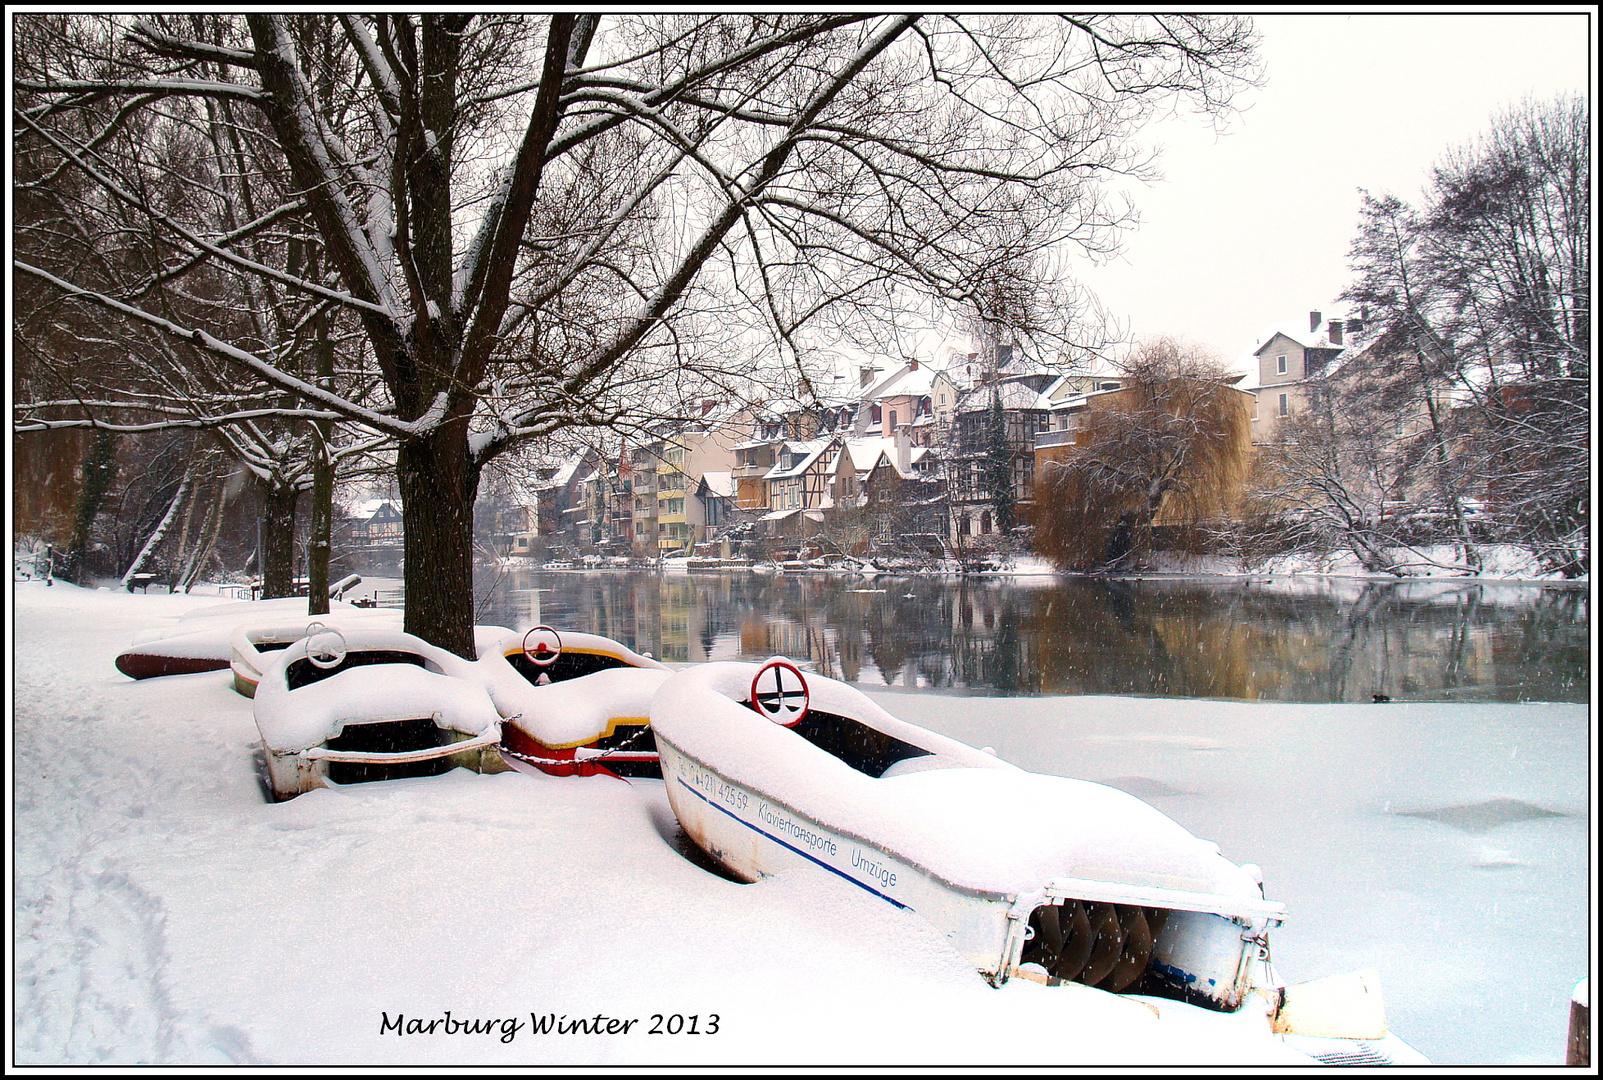 Winter in Marburg 2013 (3)